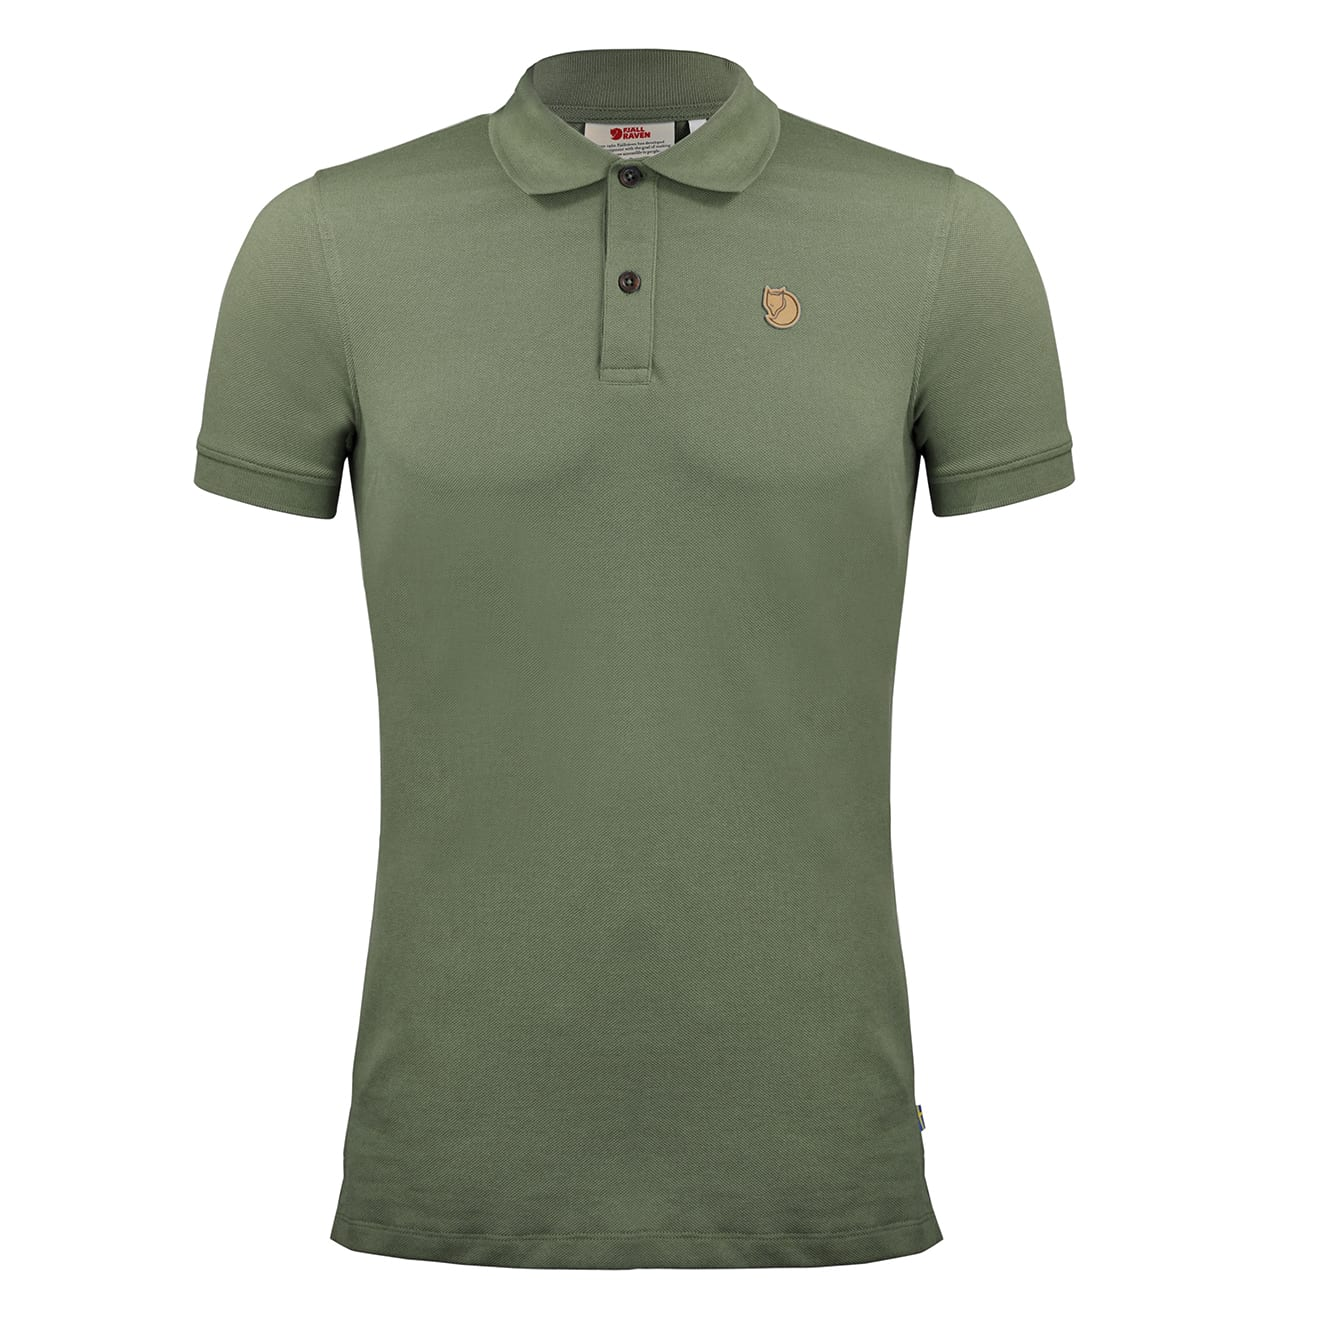 Fjallraven Ovik Polo Shirt Tarmac